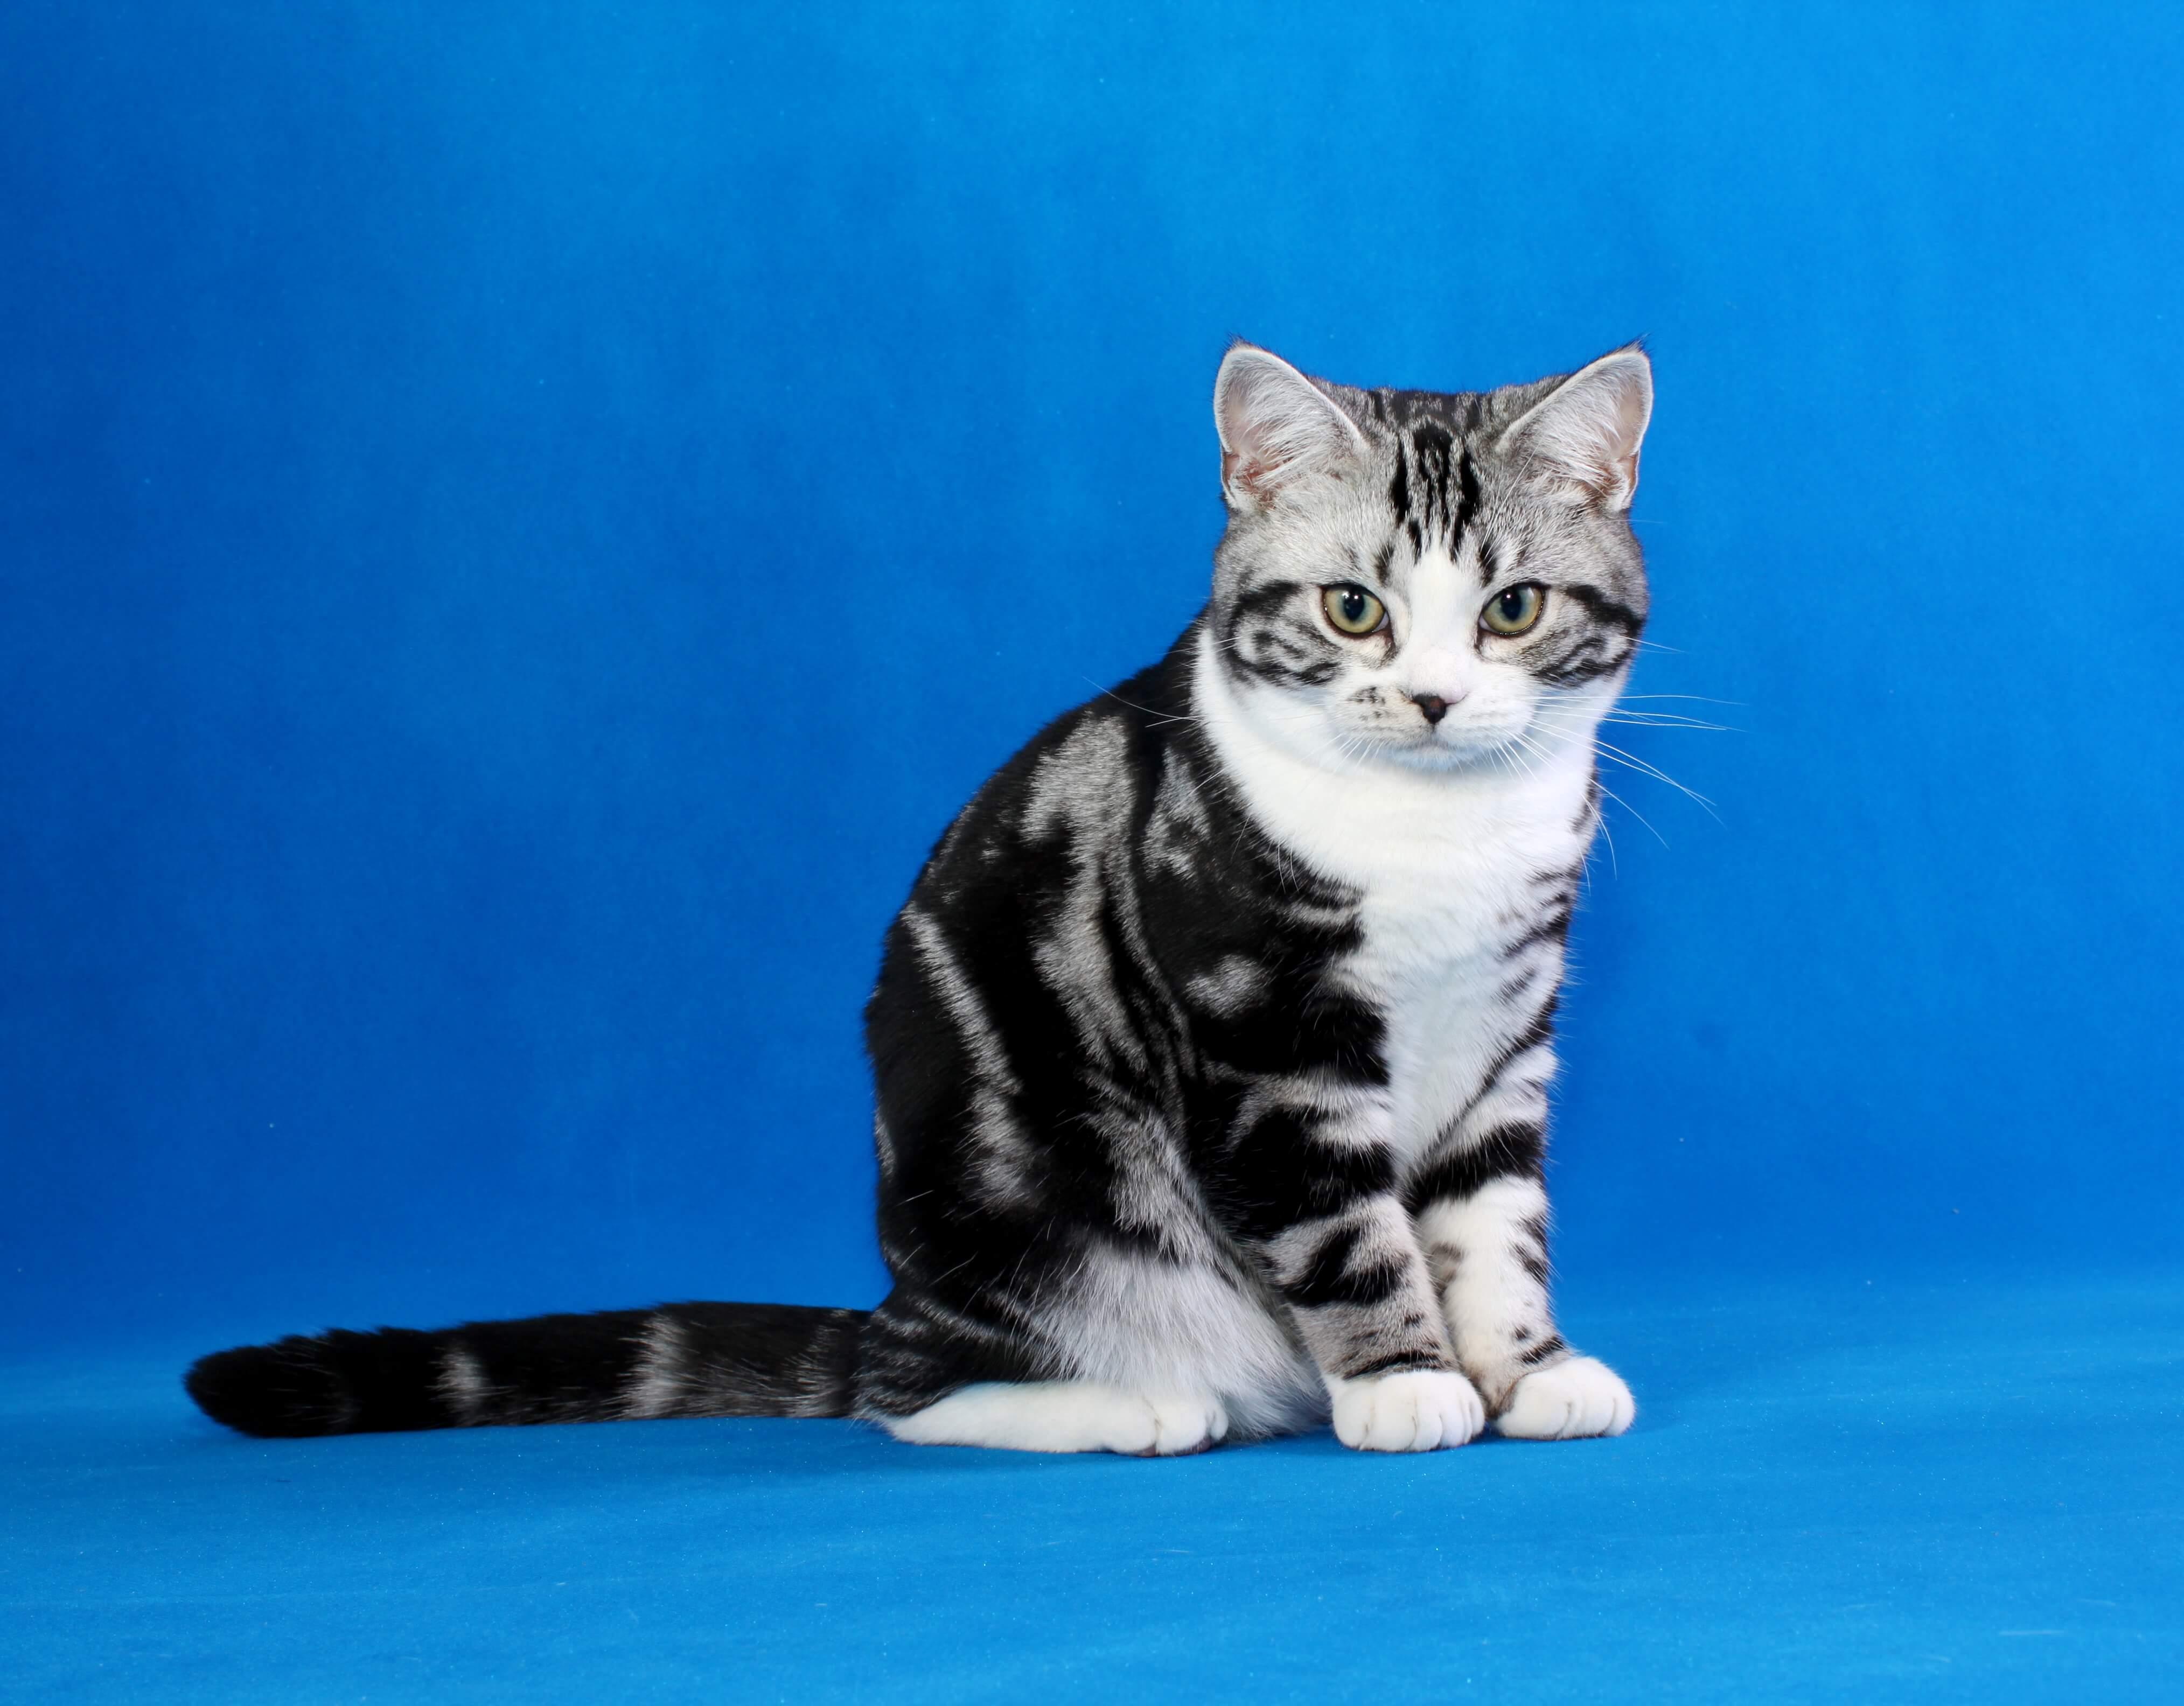 Машинка для стрижки кошек: с густой шерстью в домашних условиях и не только, а также какие из них лучше и какова цена, как выбрать и не ошибиться